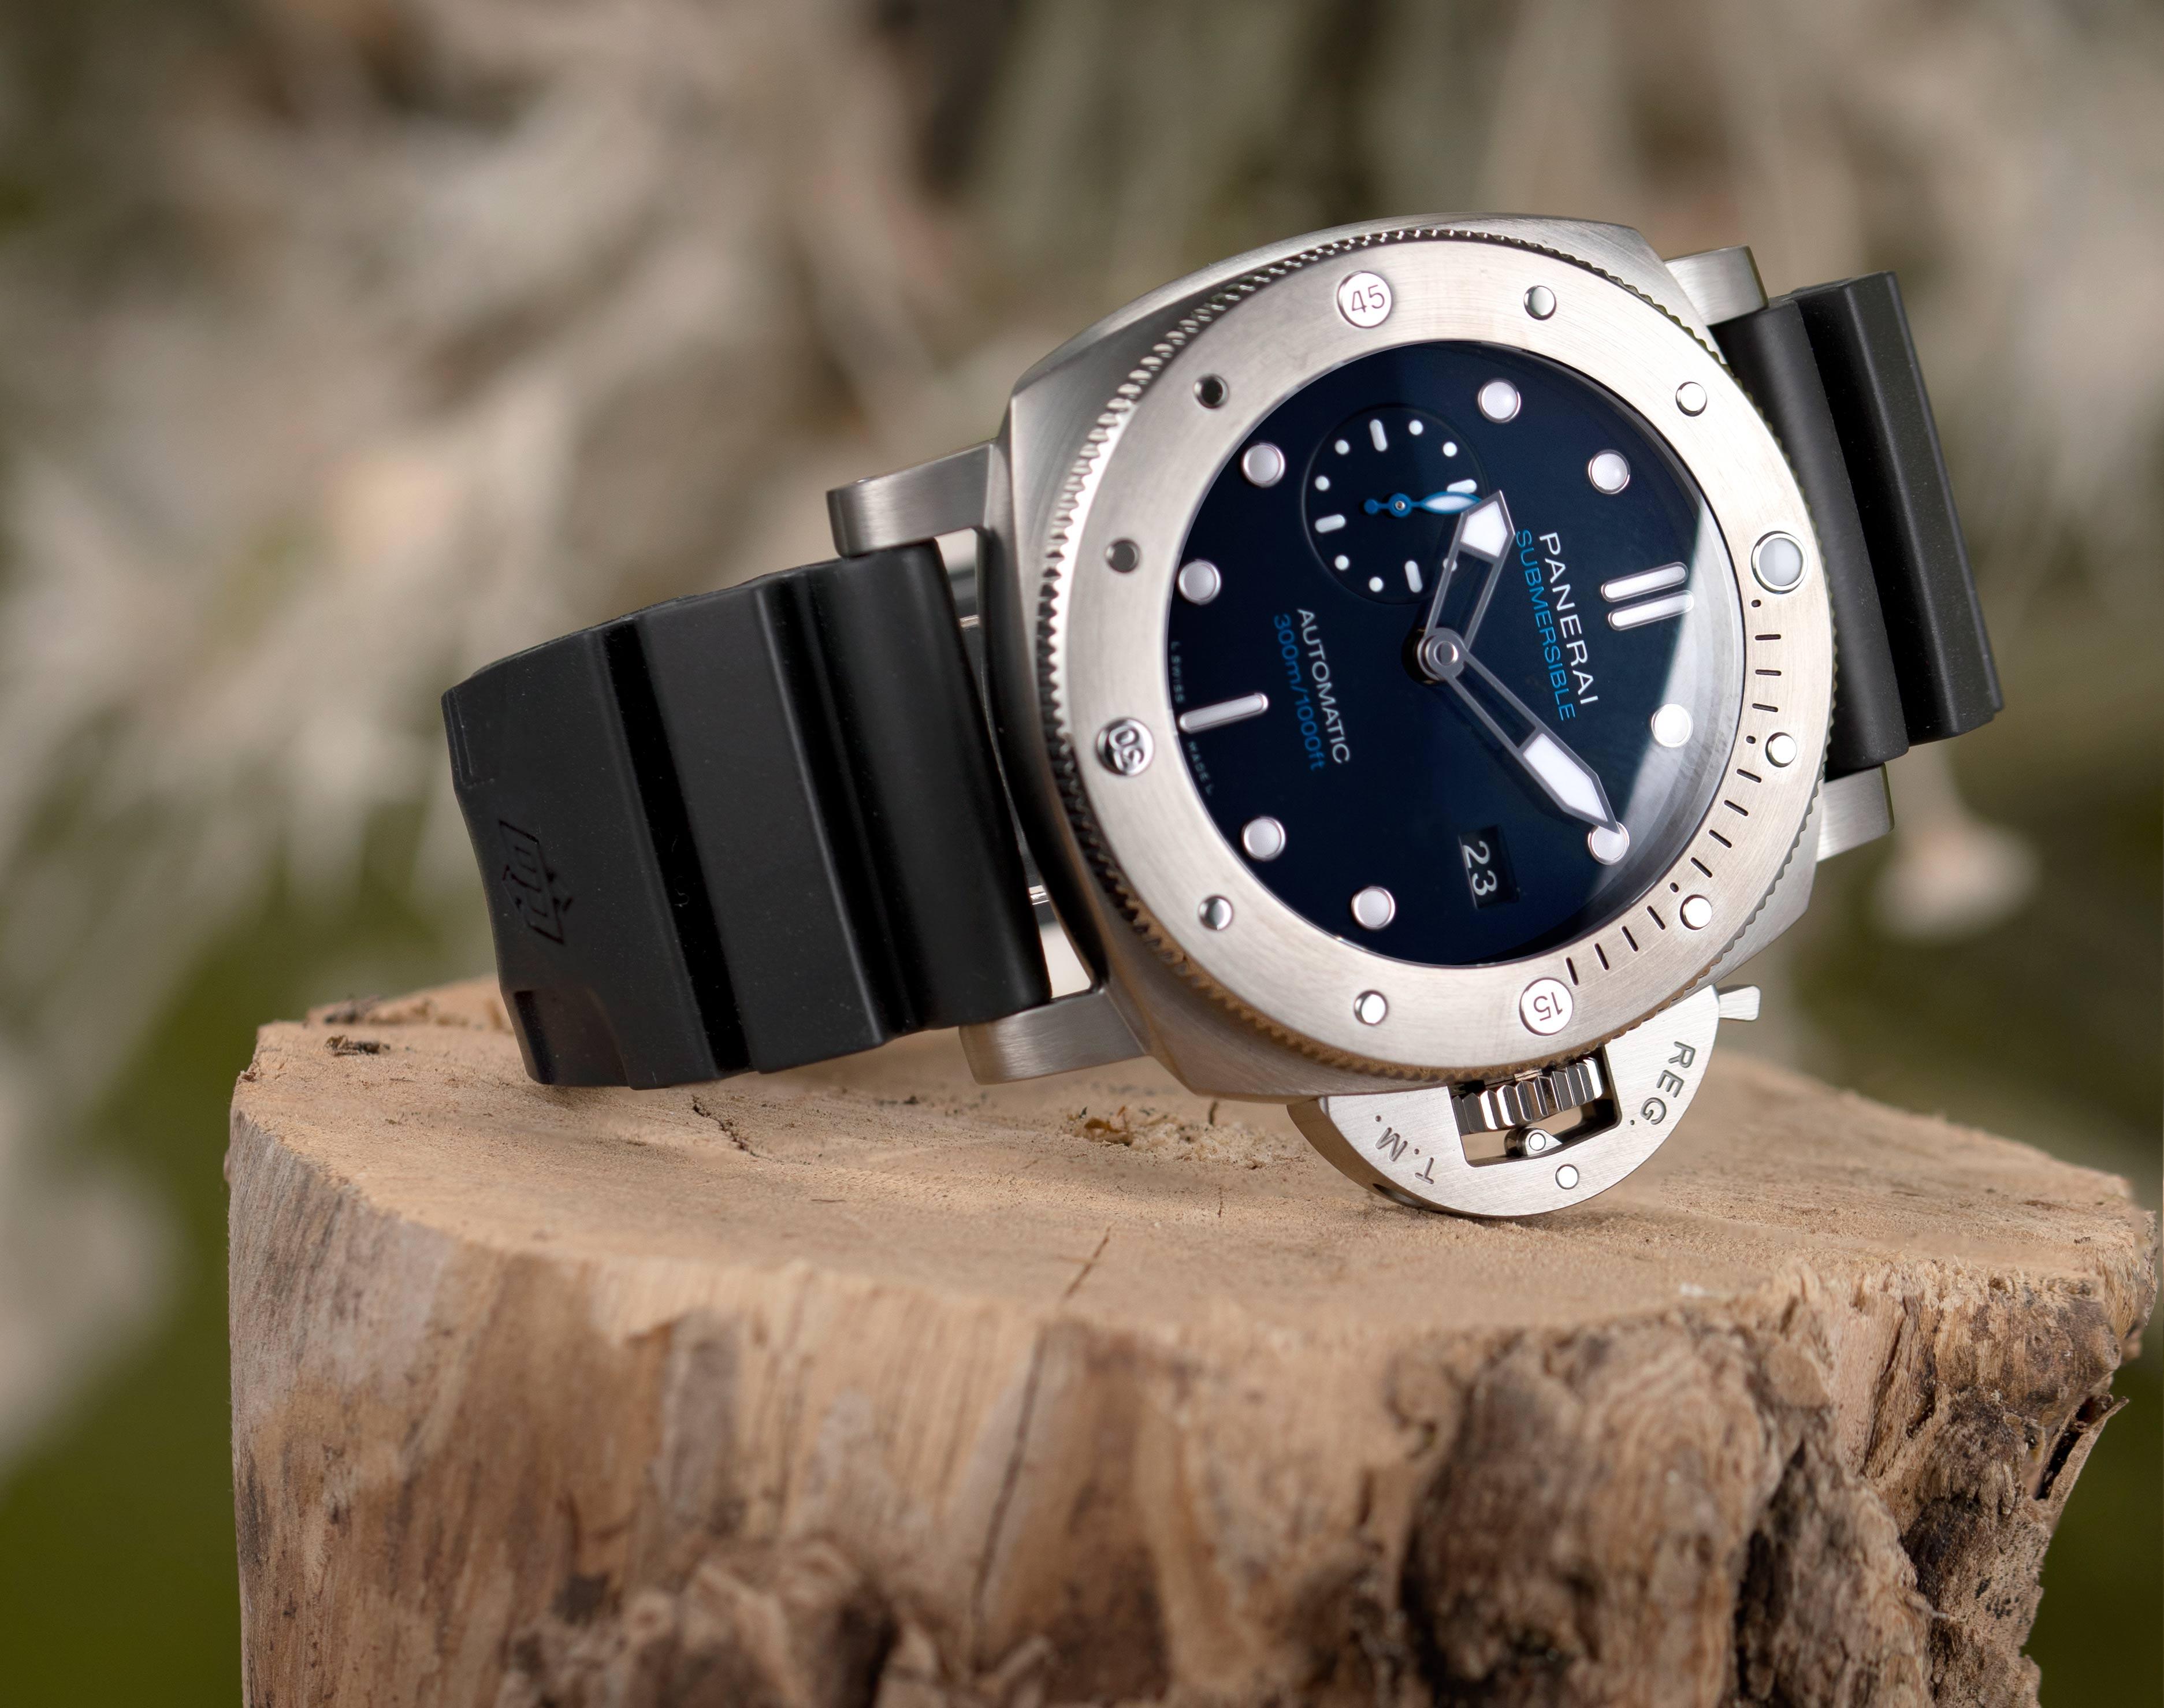 Panerai diving watch